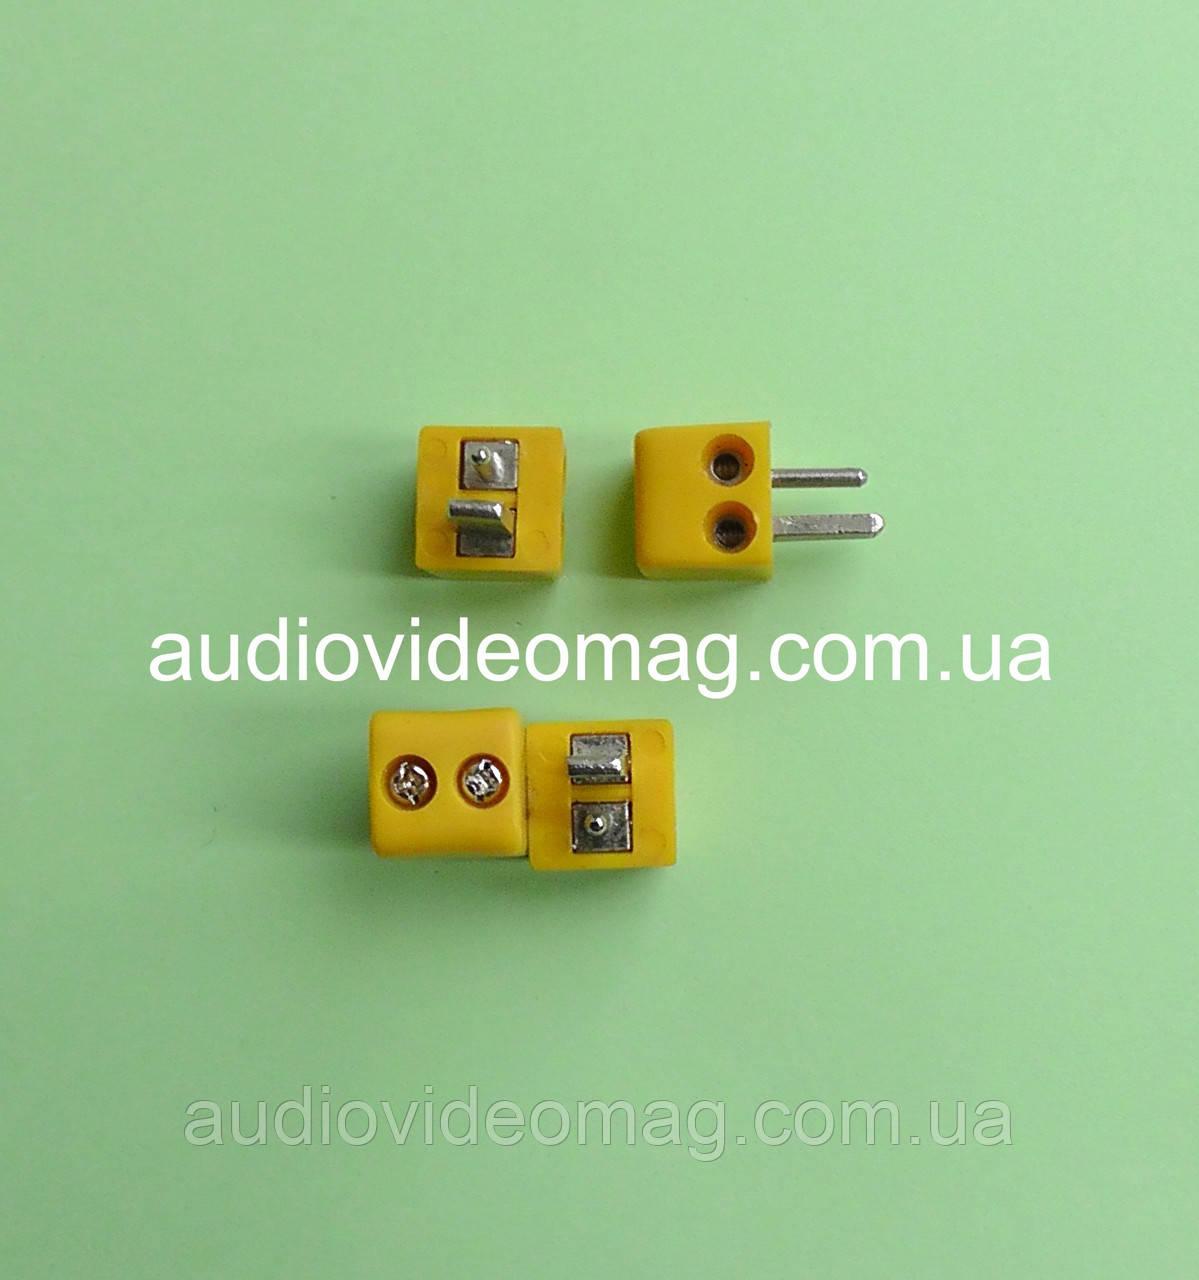 Штекер для аудио колонок (точка-тире), винтовое крепление, цвет желтый